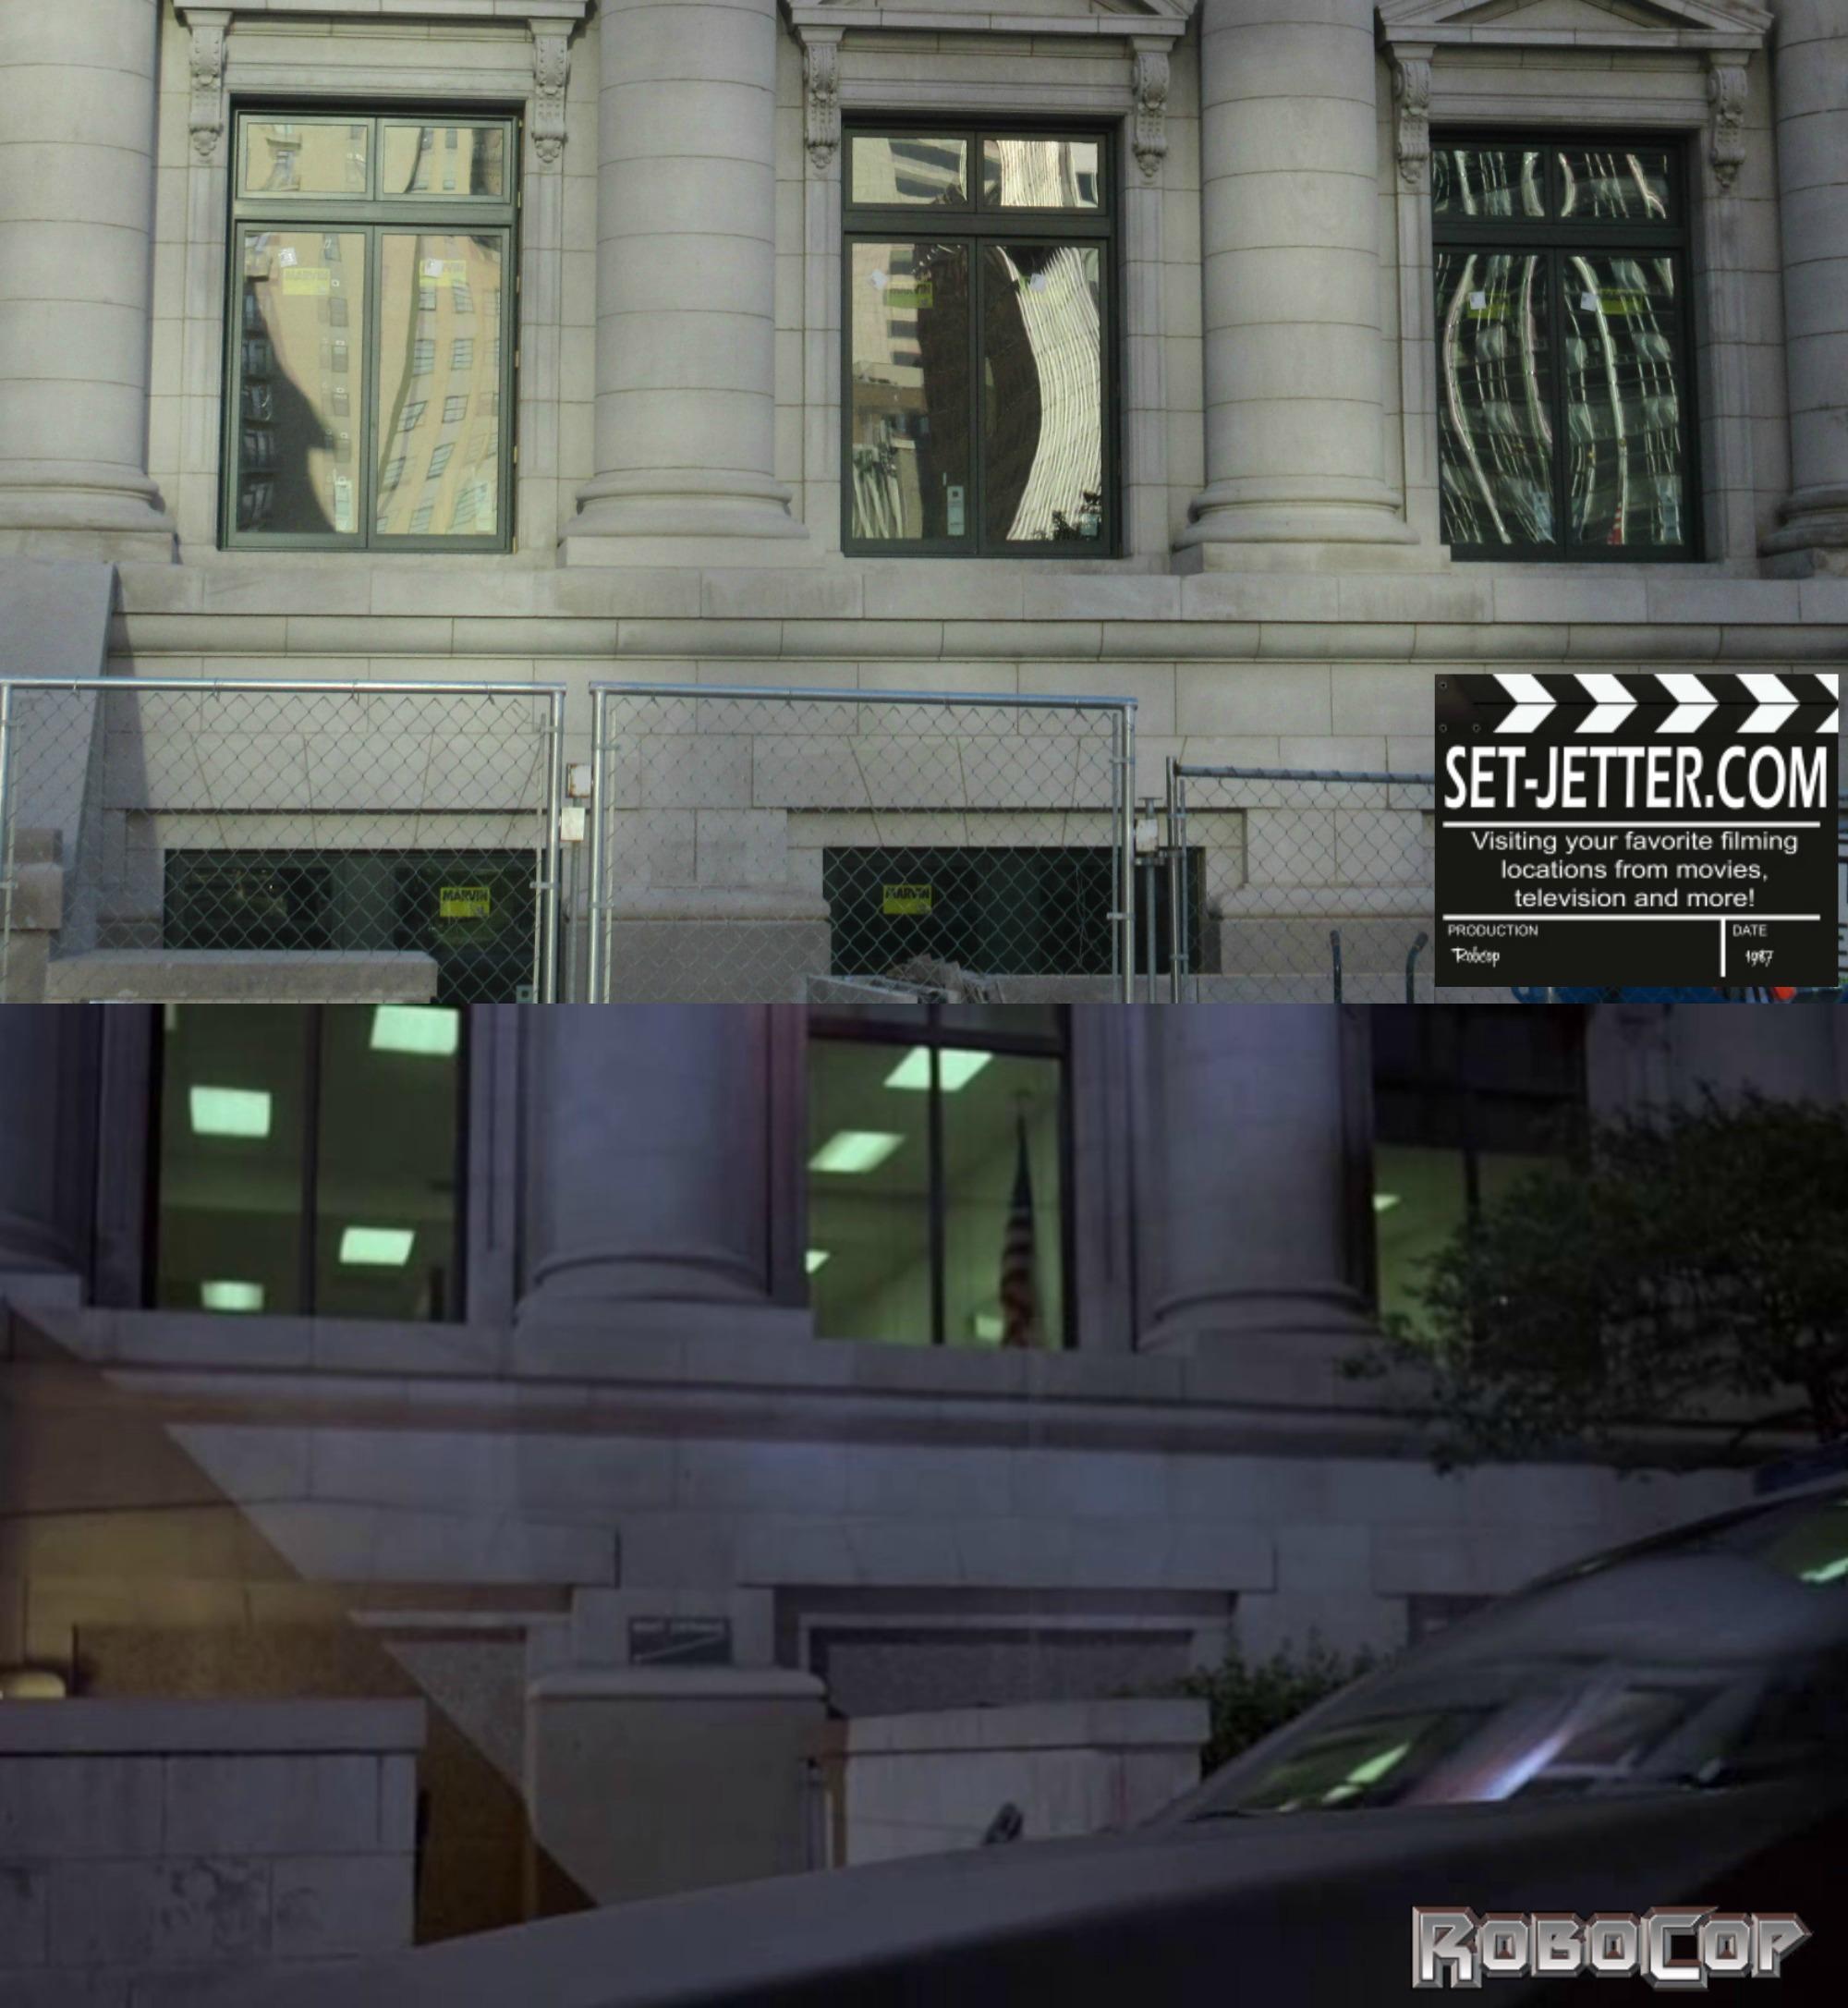 Robocop comparison 77.jpg